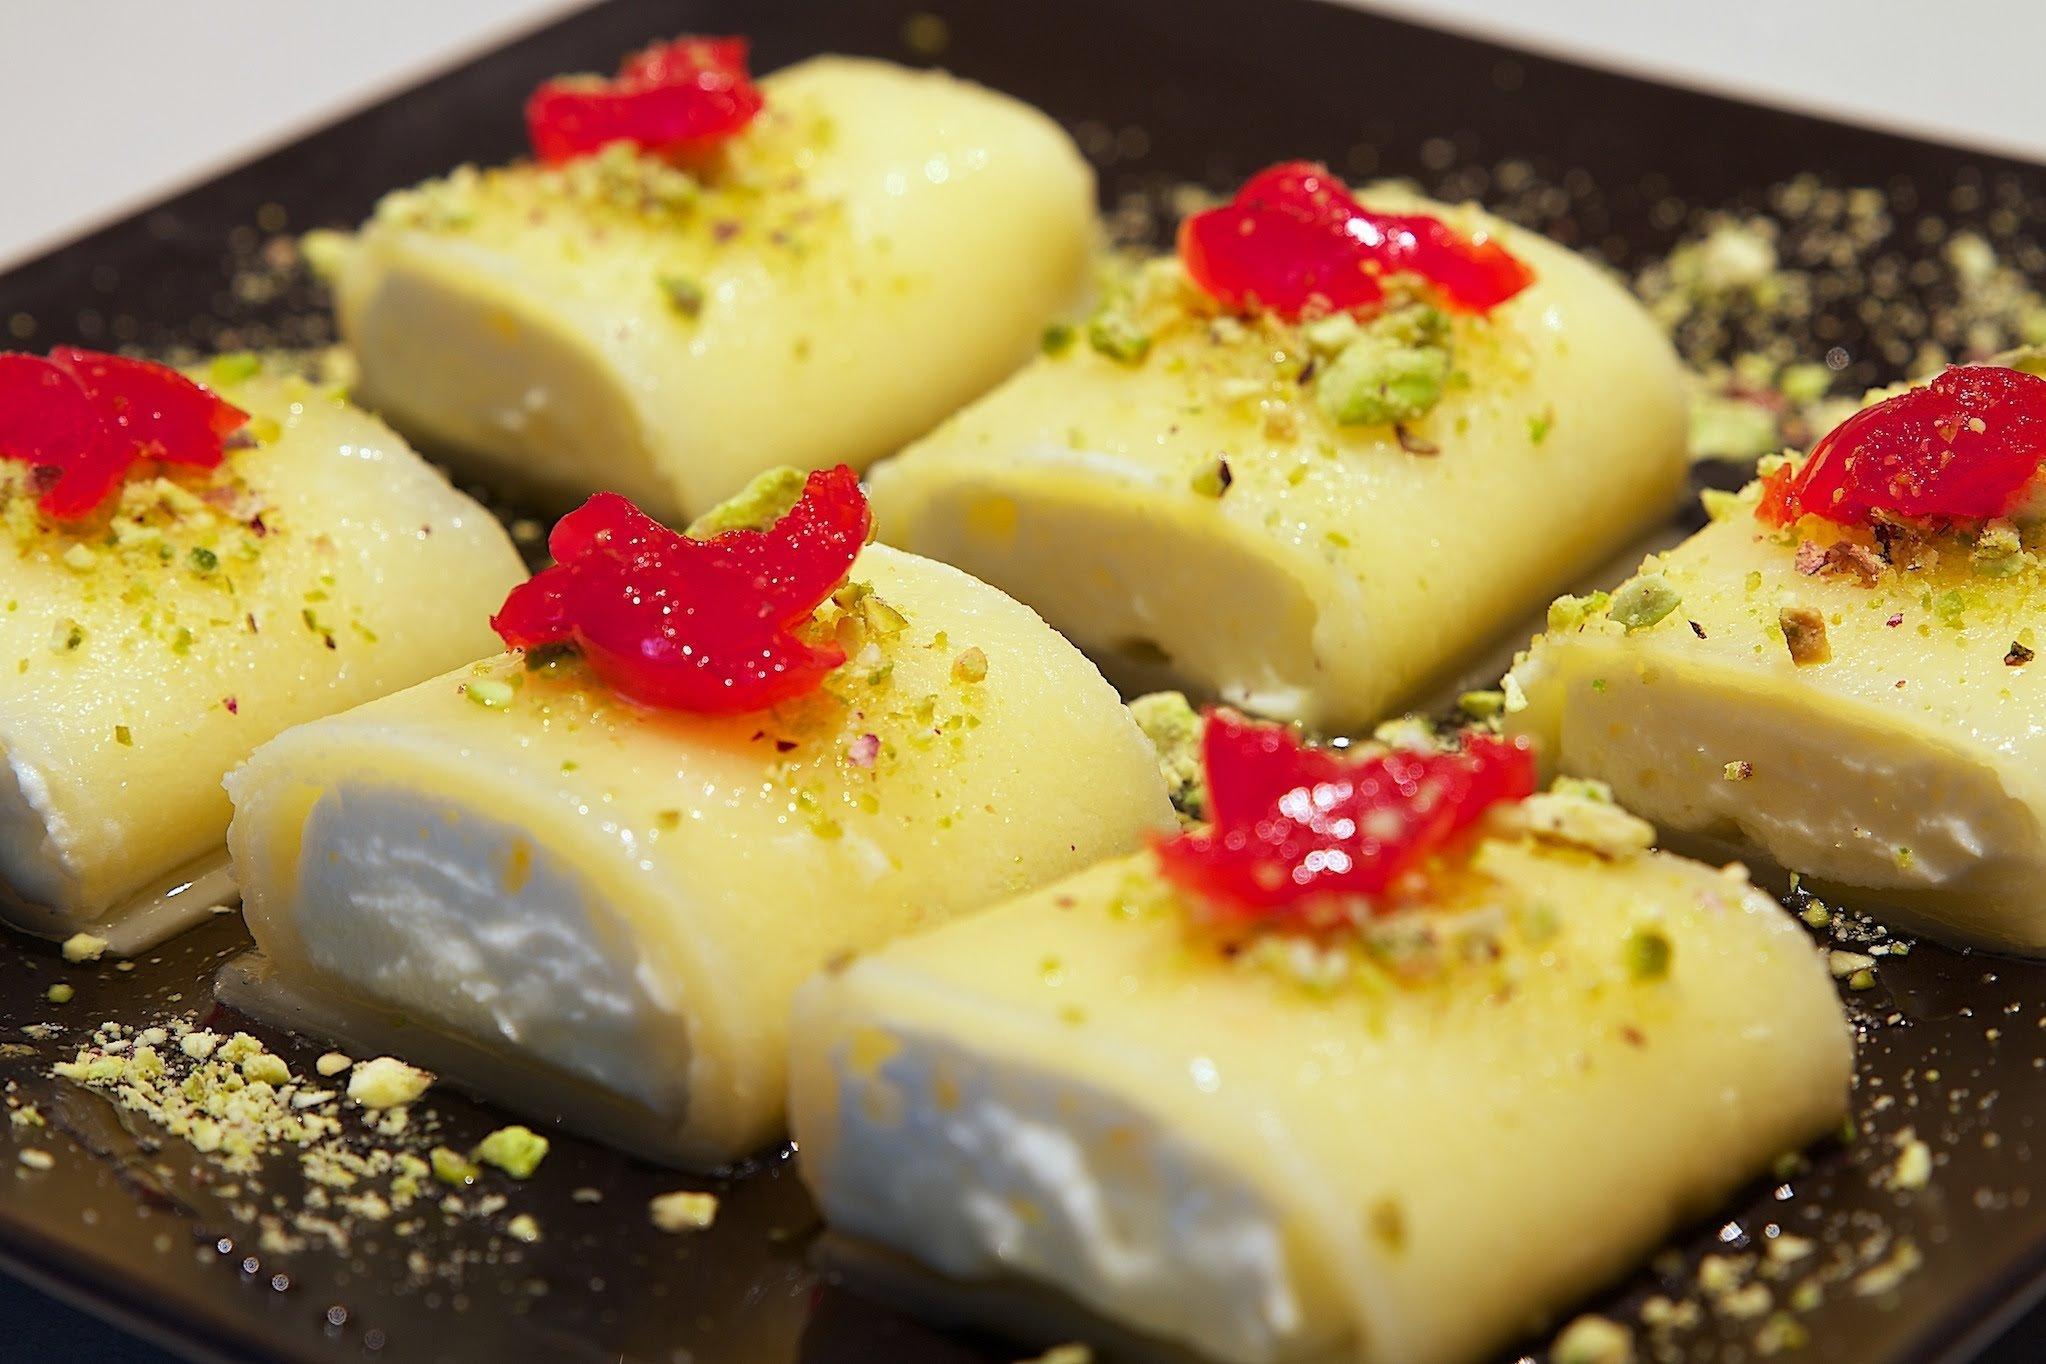 بالصور حلاوة الجبن بالصور , حلويات الجبن 2010 6